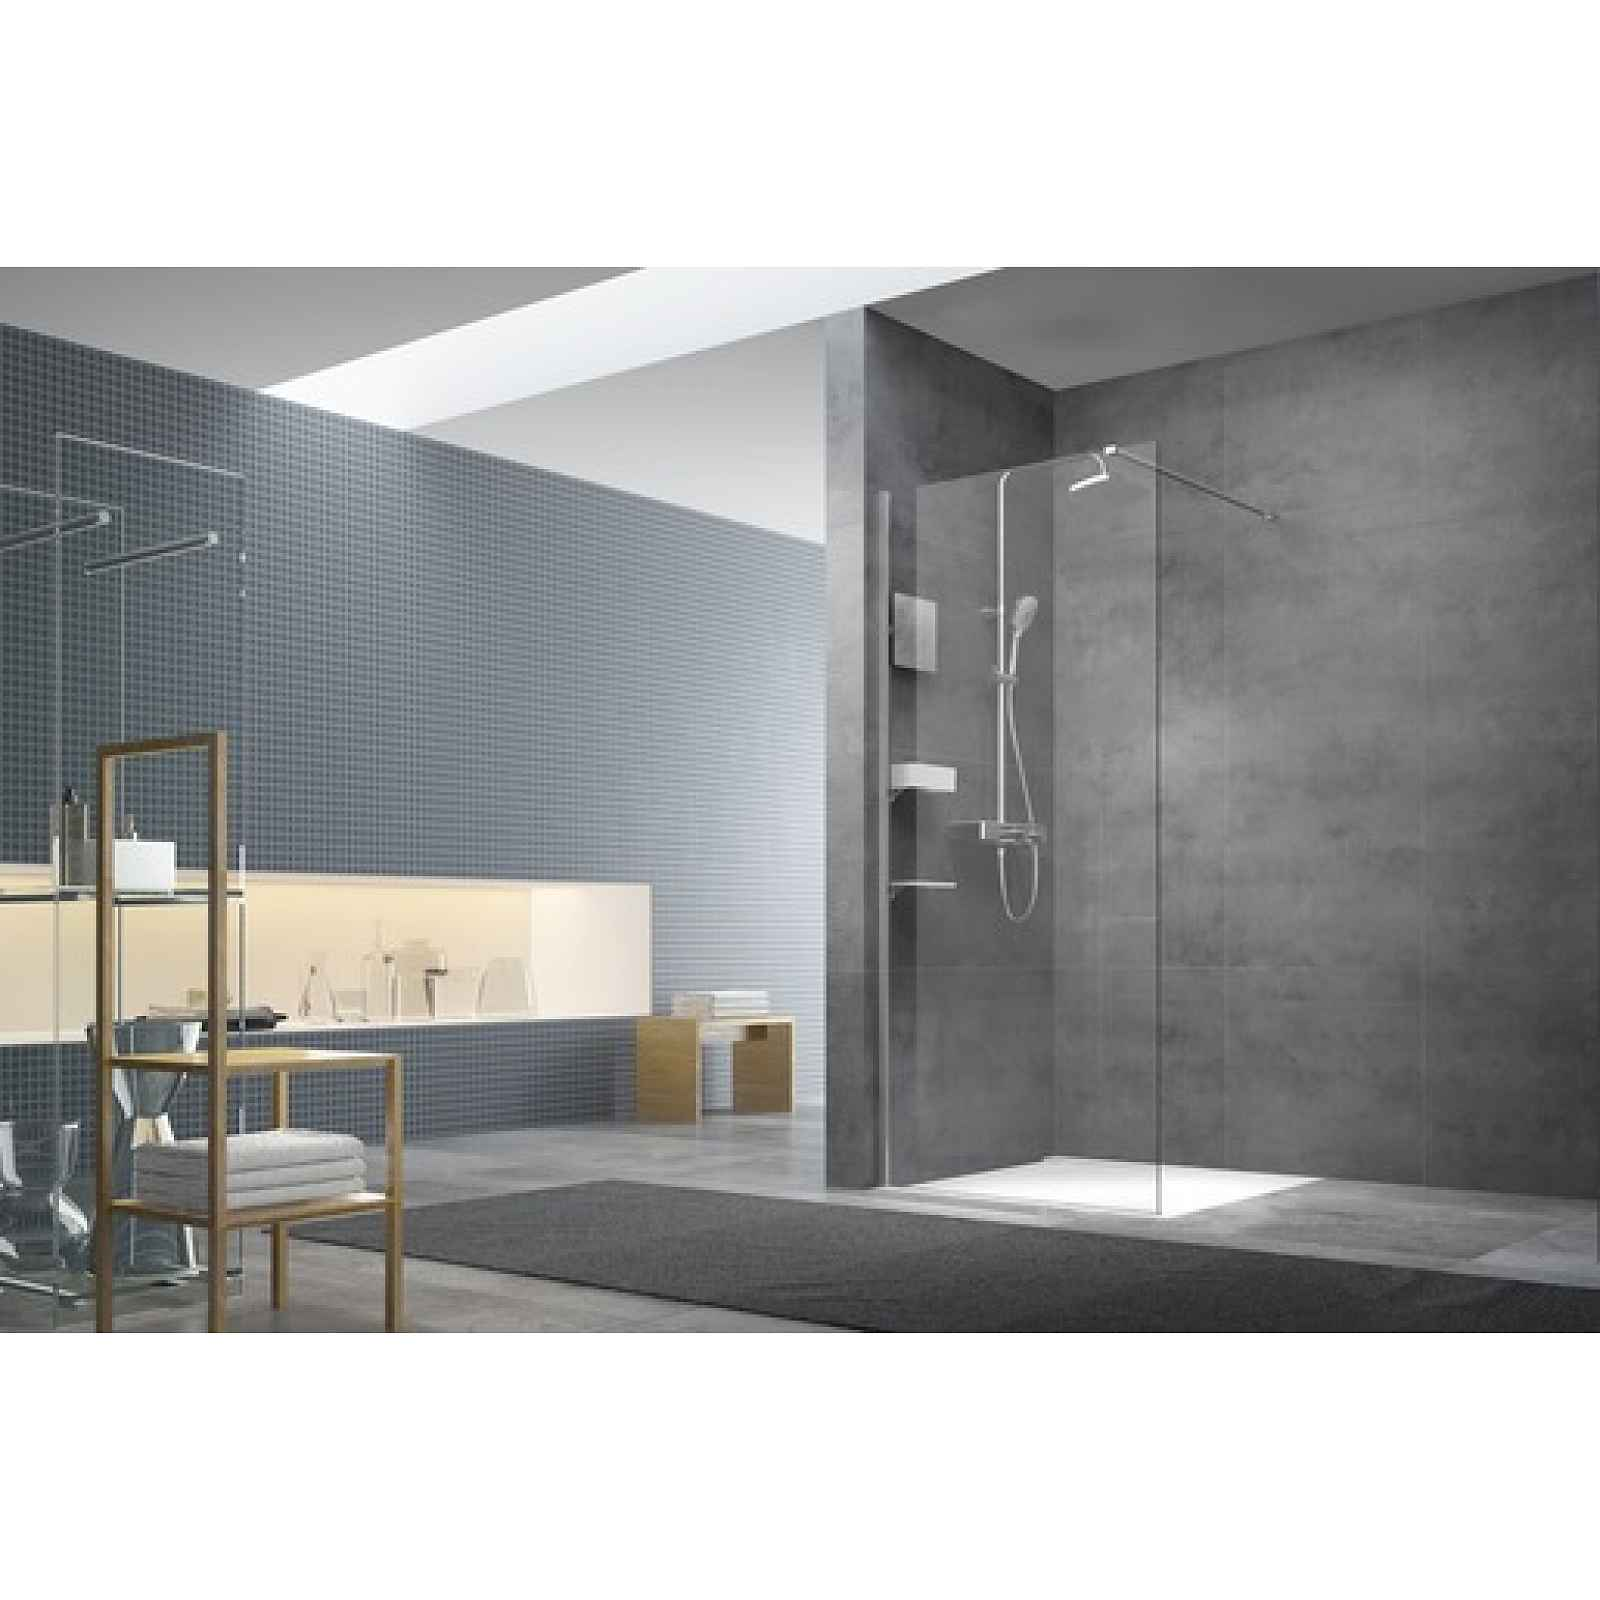 Sprchová zástěna walk-in Walk-In / dveře 140 cm s profilem, zavětrováním a dopňky Swiss Aqua Technologies Walk-in SATBWI140PRDOPL